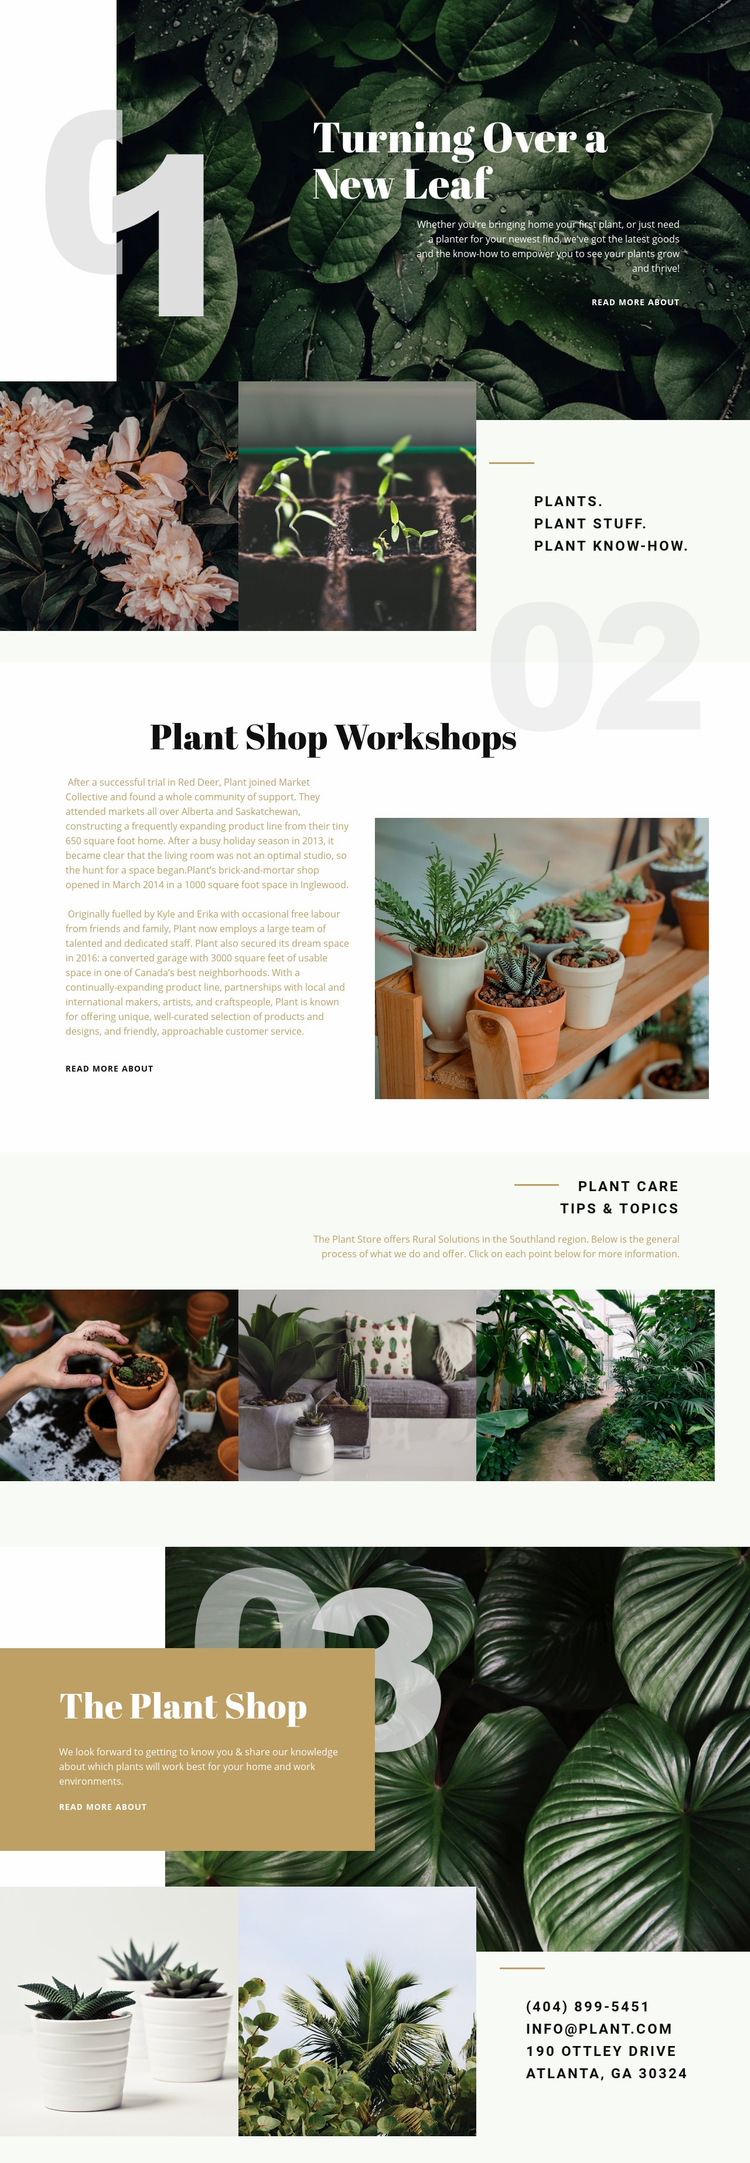 Plant Shop Web Page Design